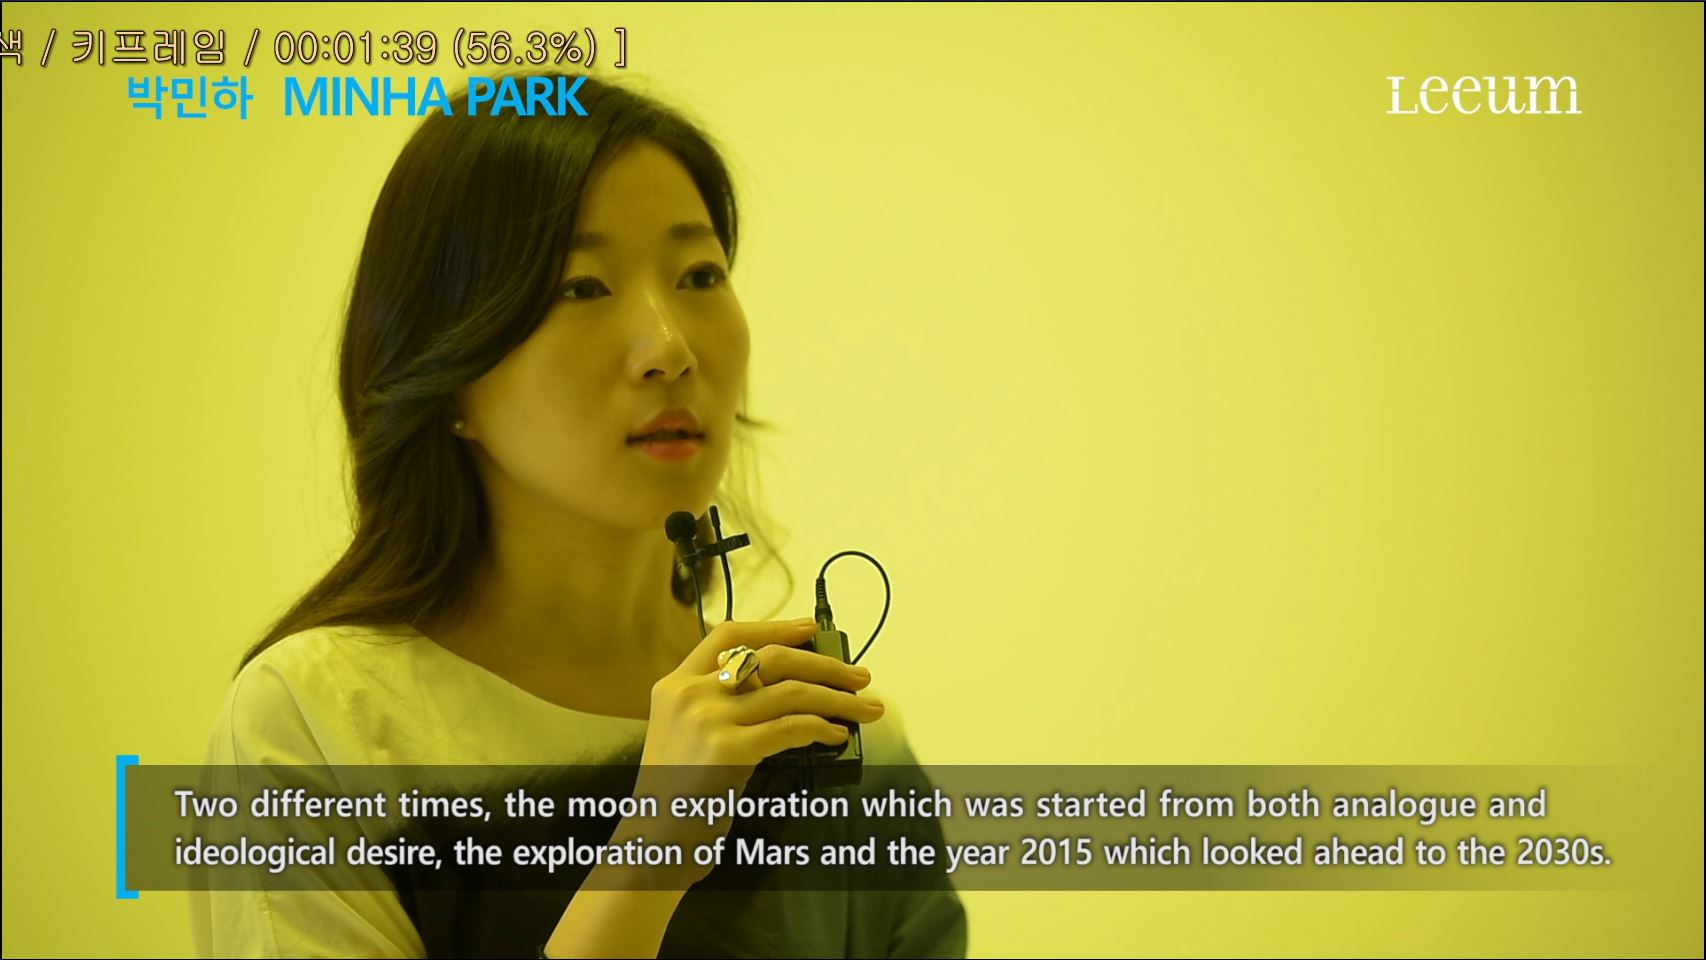 박민하 - 작가 인터뷰